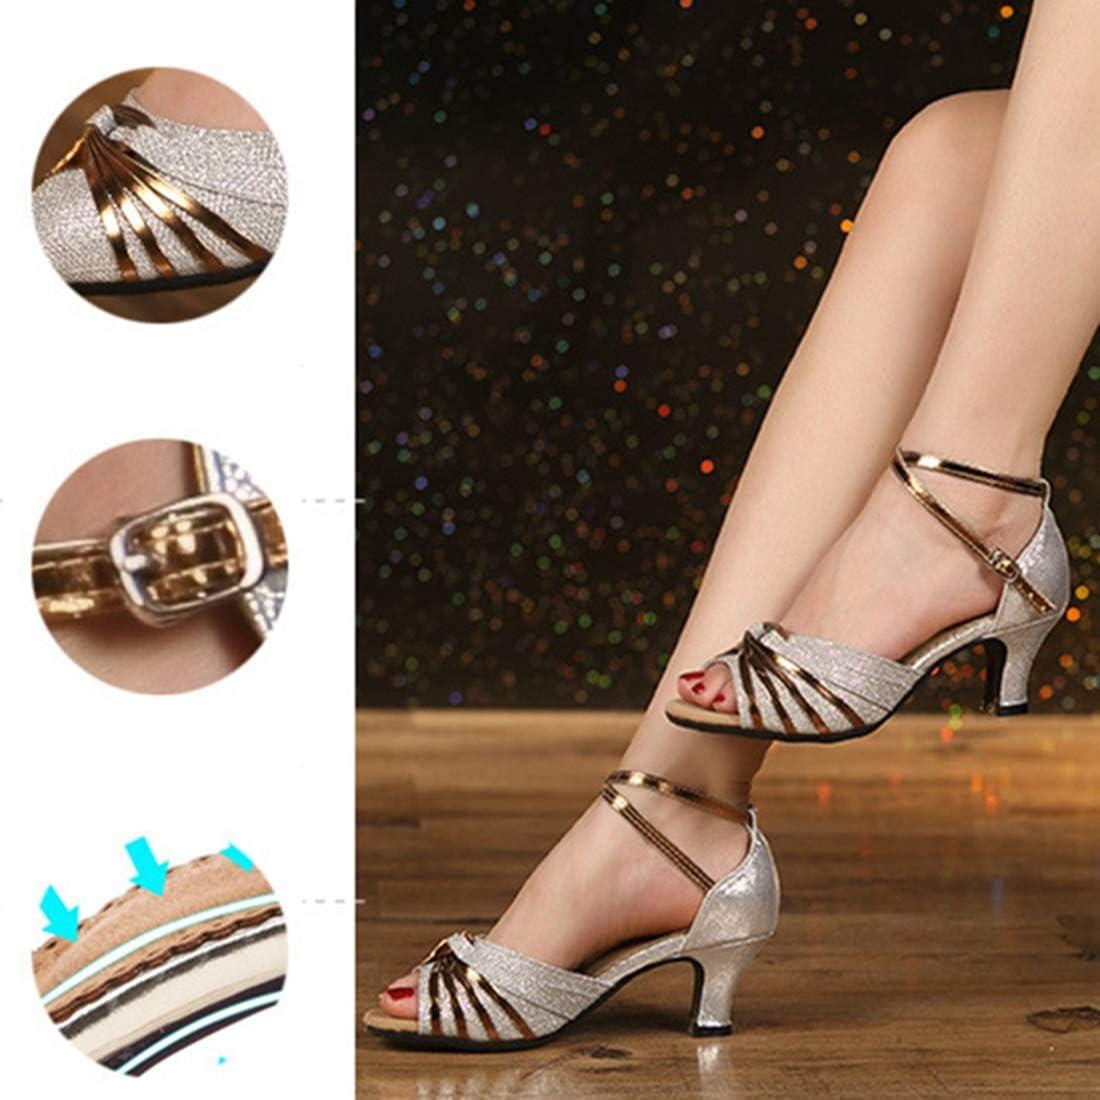 Zapatos de Baile Latino de Tac/ón Medio para Mujer Zapatillas de Baile de Sal/ón Salsa Performance de Moda Brillante